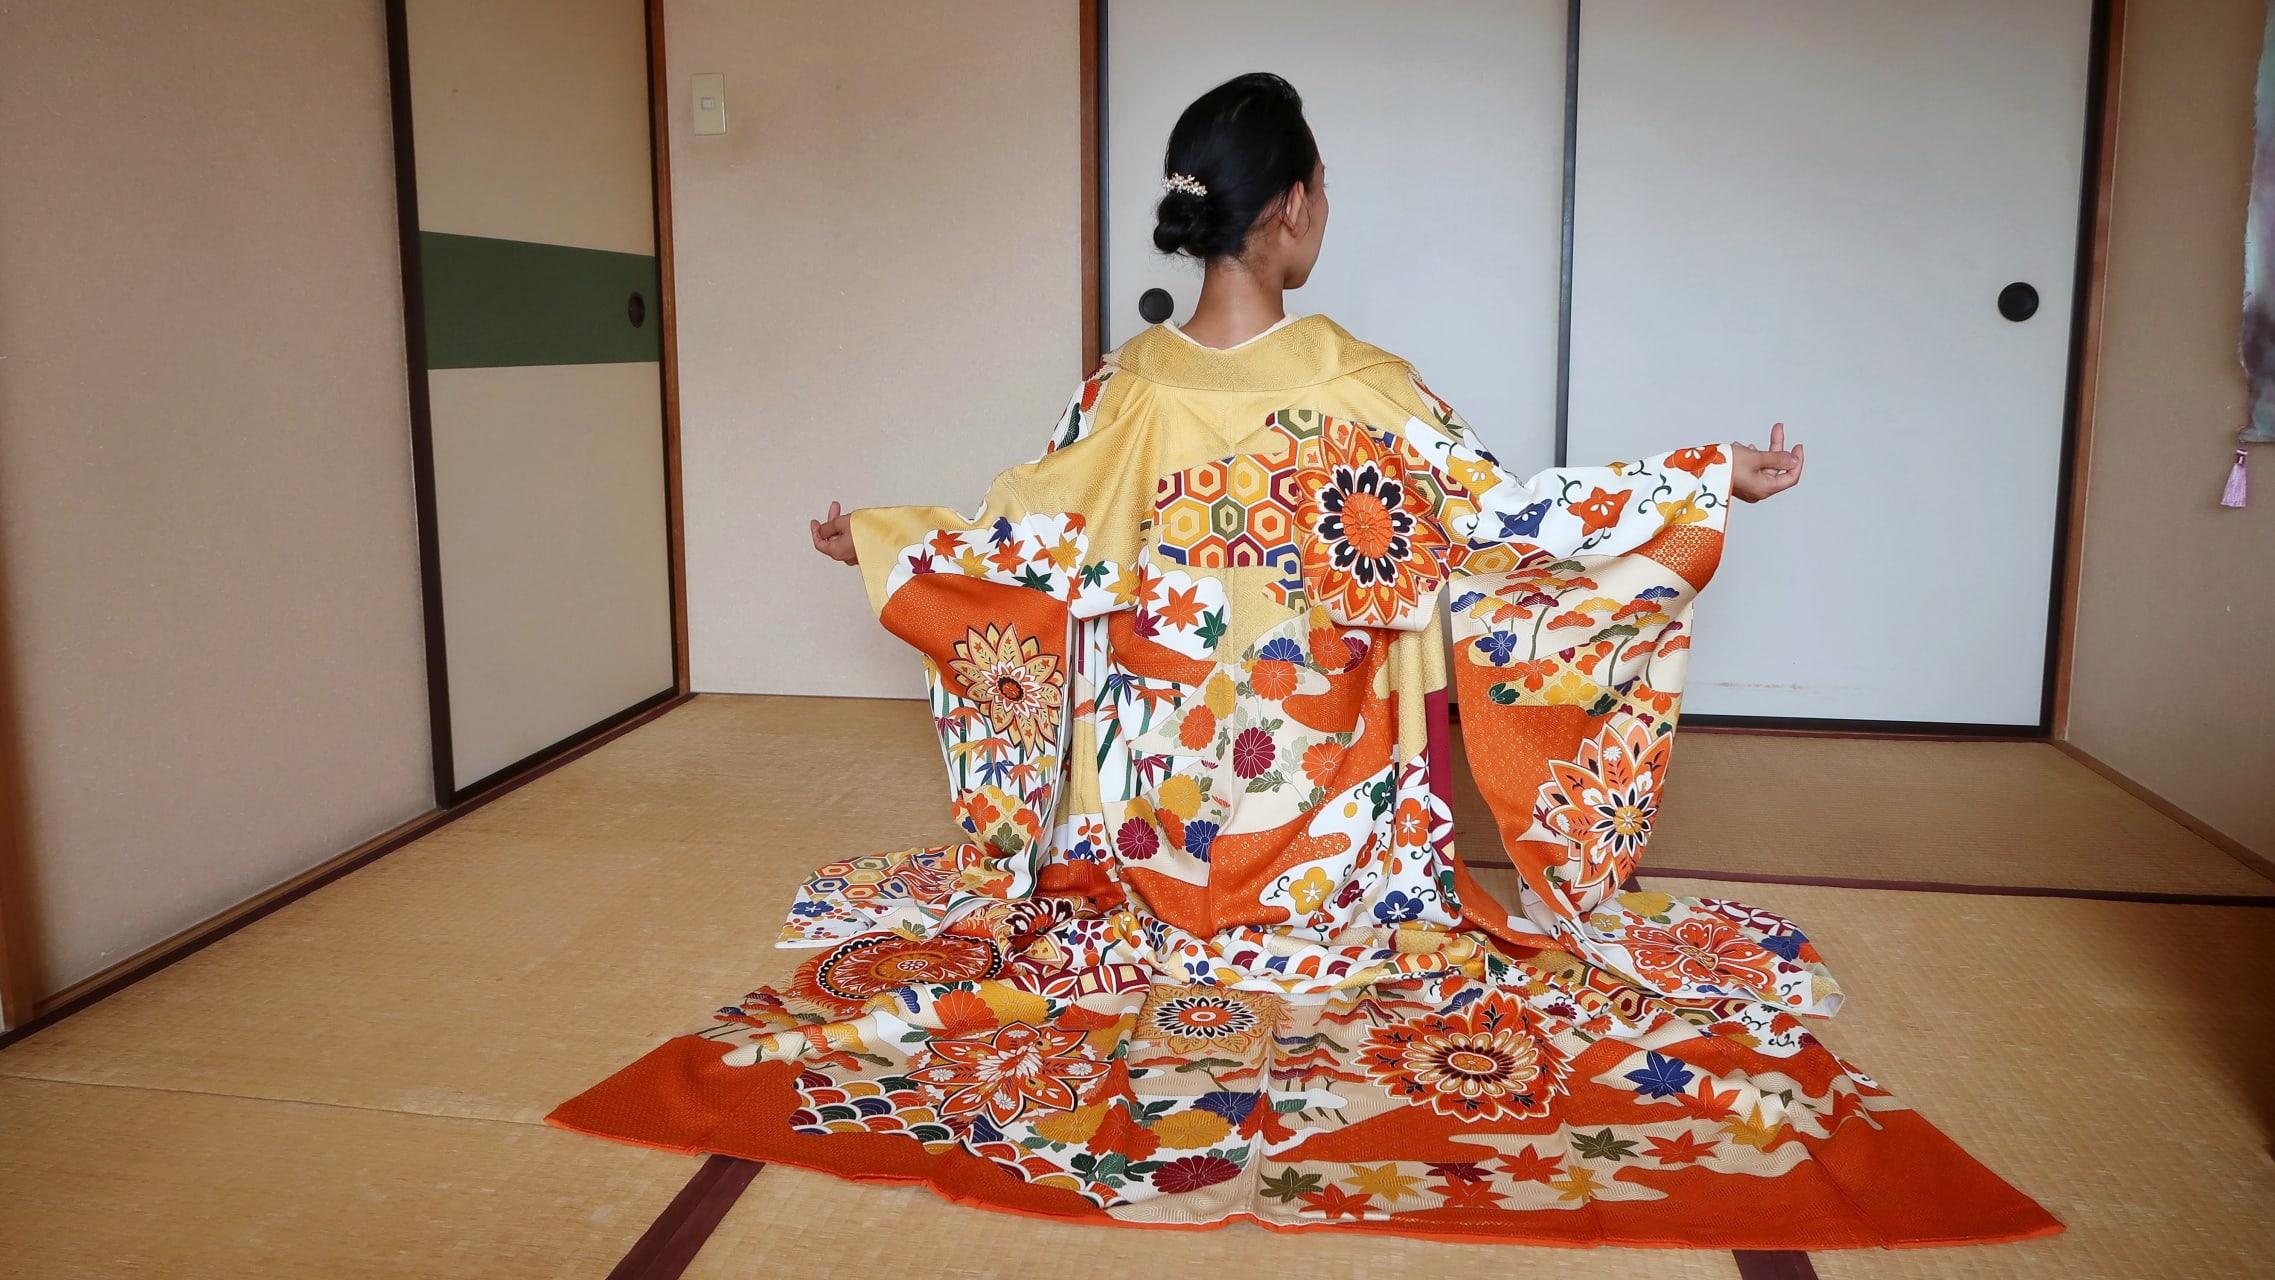 Kanagawa - The World of Kimono - Kimono Fitting